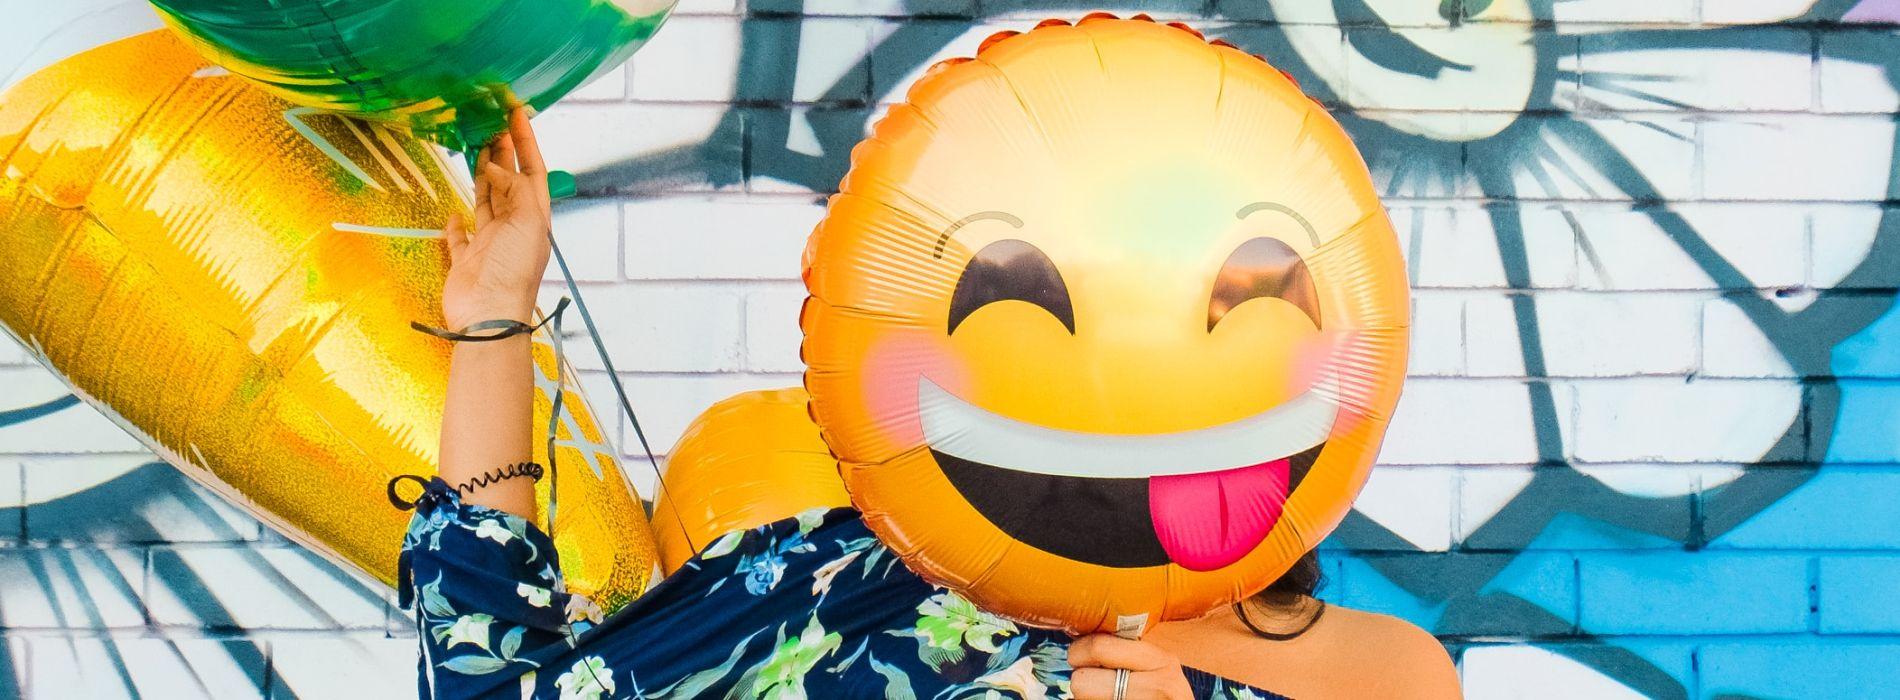 Emoji-Kundenzufriedenheit HEADER-1